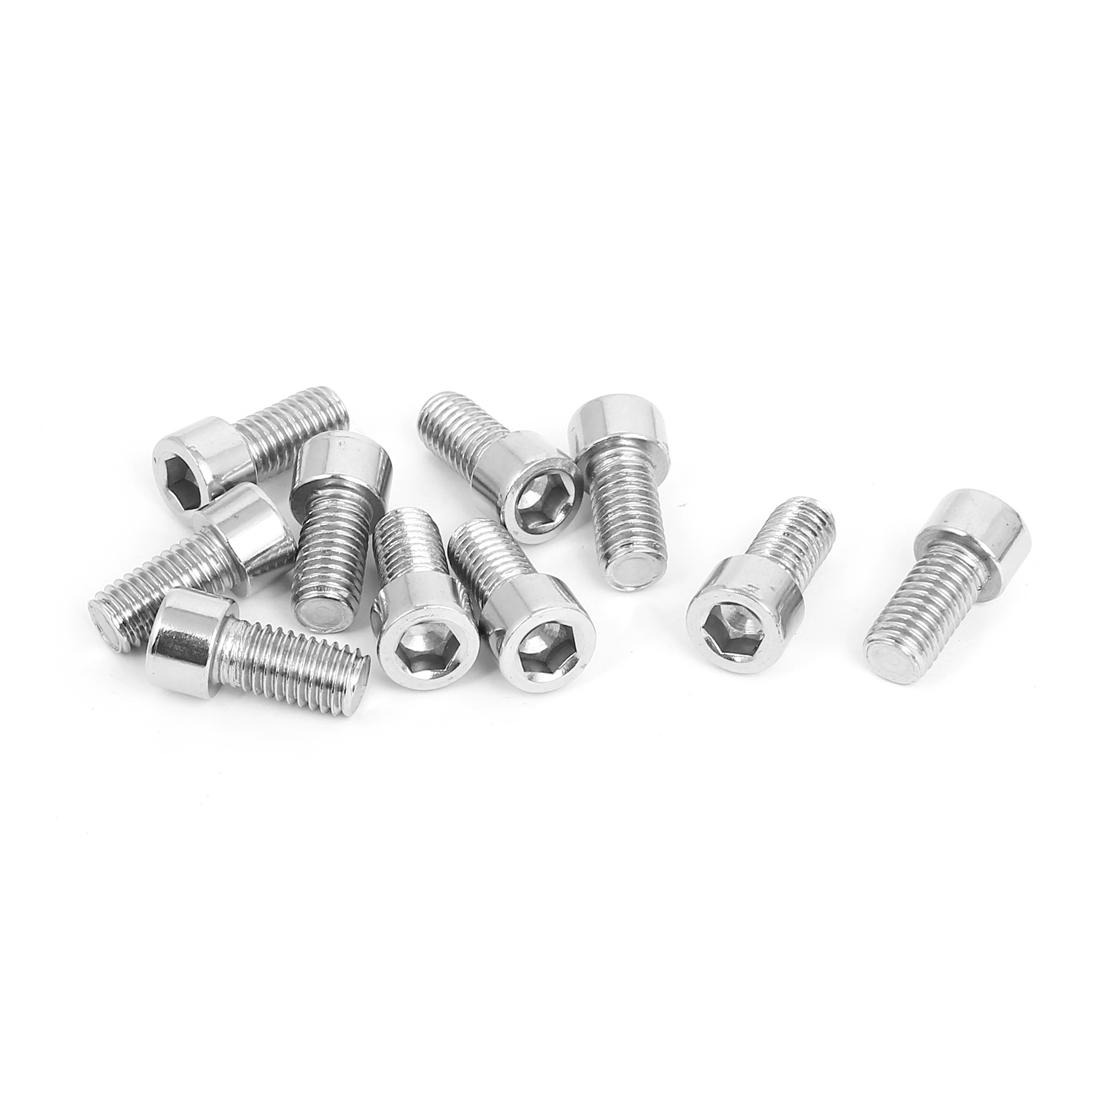 10pcs 6mm Stainless Steel Hex Key Socket Head Cap Screws Bolts M8x1.25mmx16mm